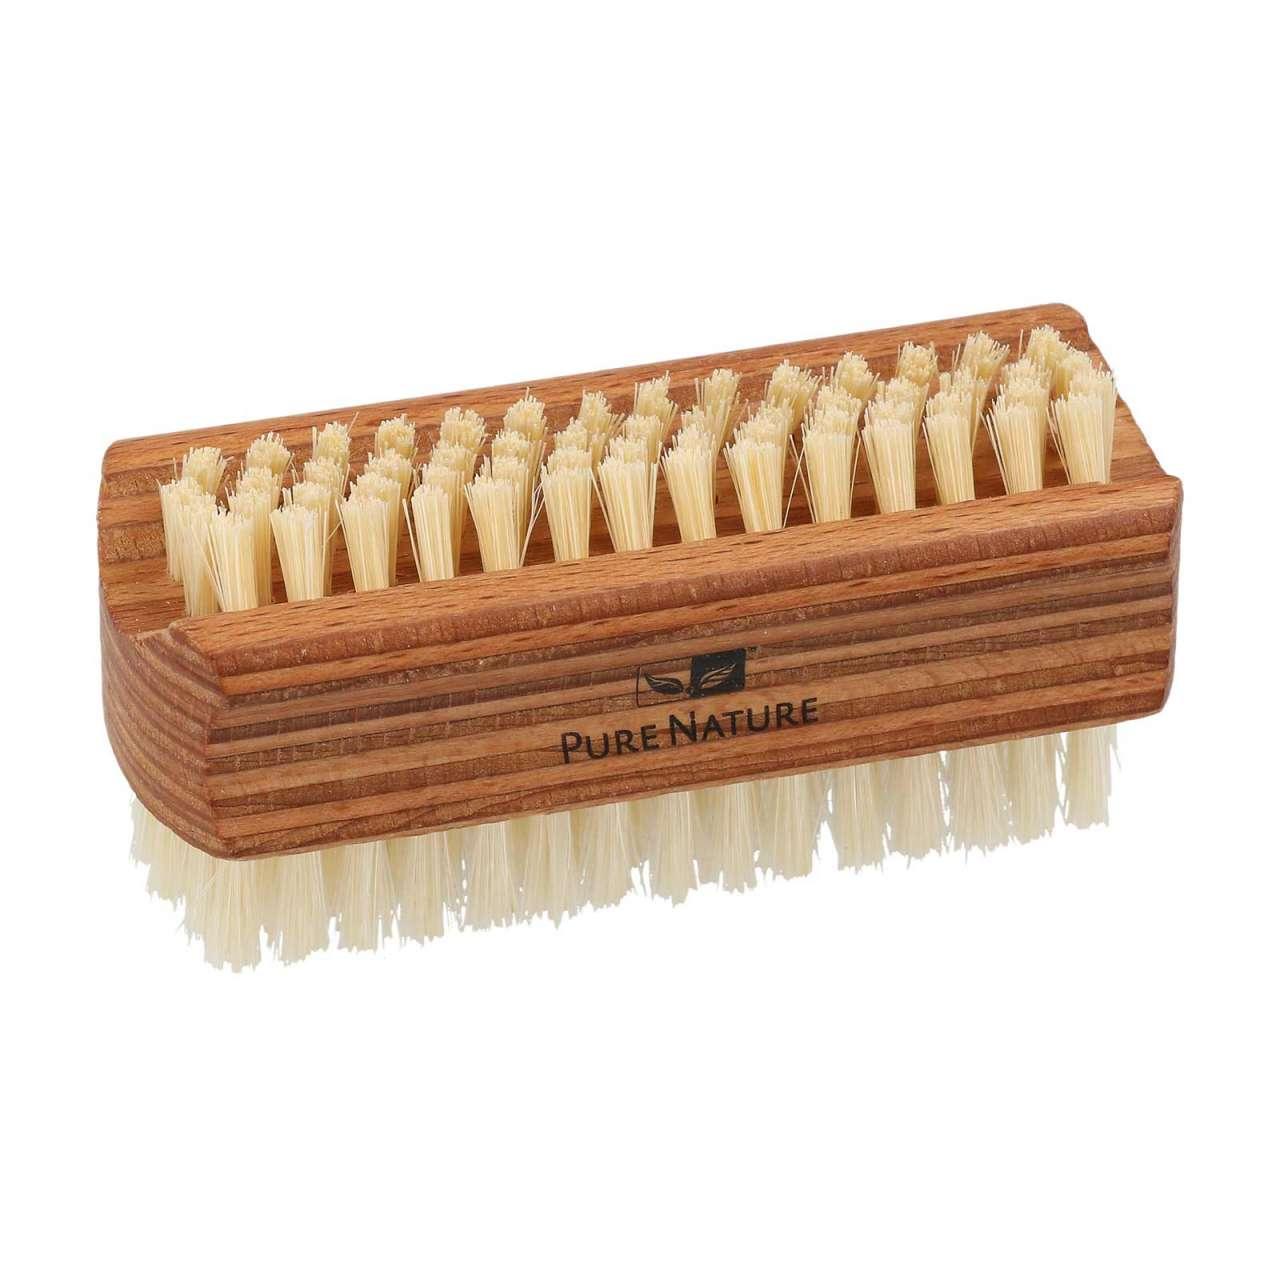 PureNature Nagelbürste Holz mit reinen Naturborsten